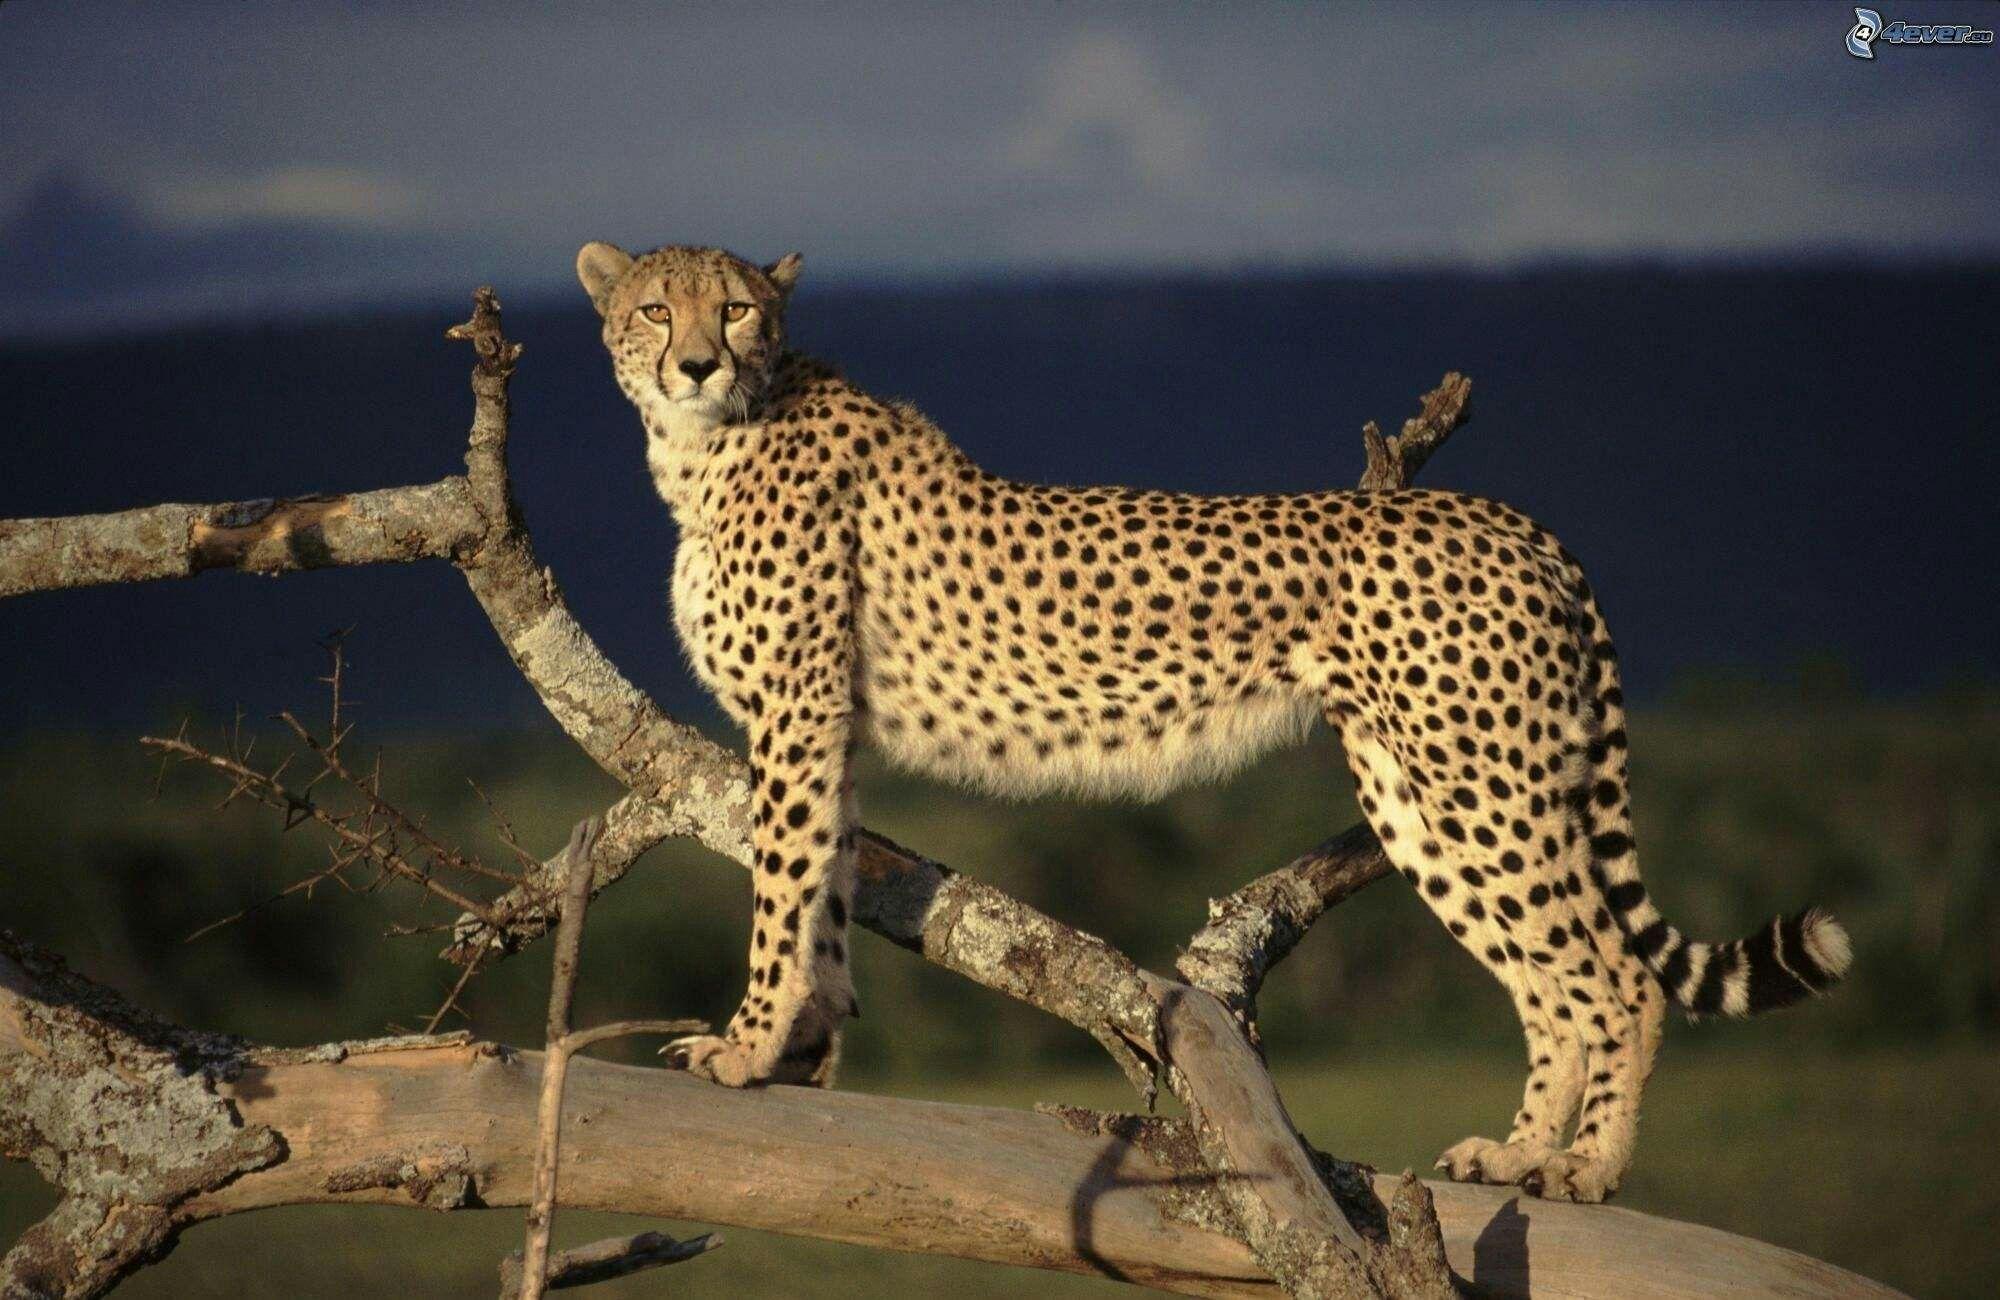 Épinglé par Maryon Preissner sur Guépard (avec images)   Animaux beaux, Animales, Animaux africains